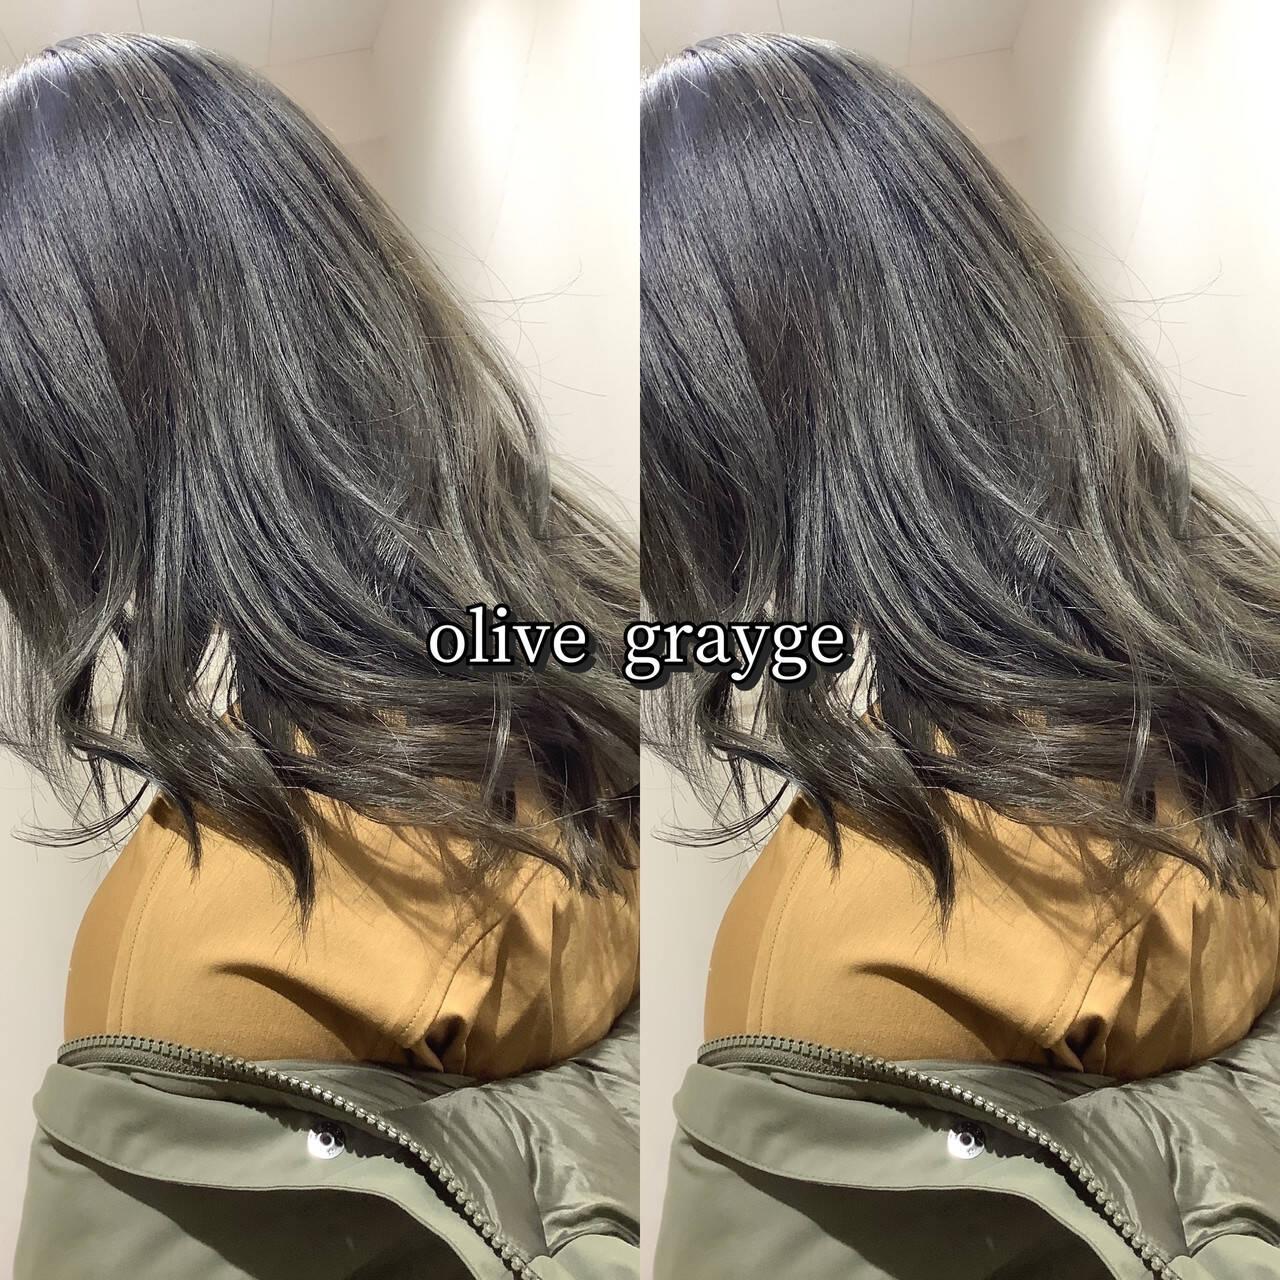 ヘアカラー 大人可愛い オリーブグレージュ カーキアッシュヘアスタイルや髪型の写真・画像